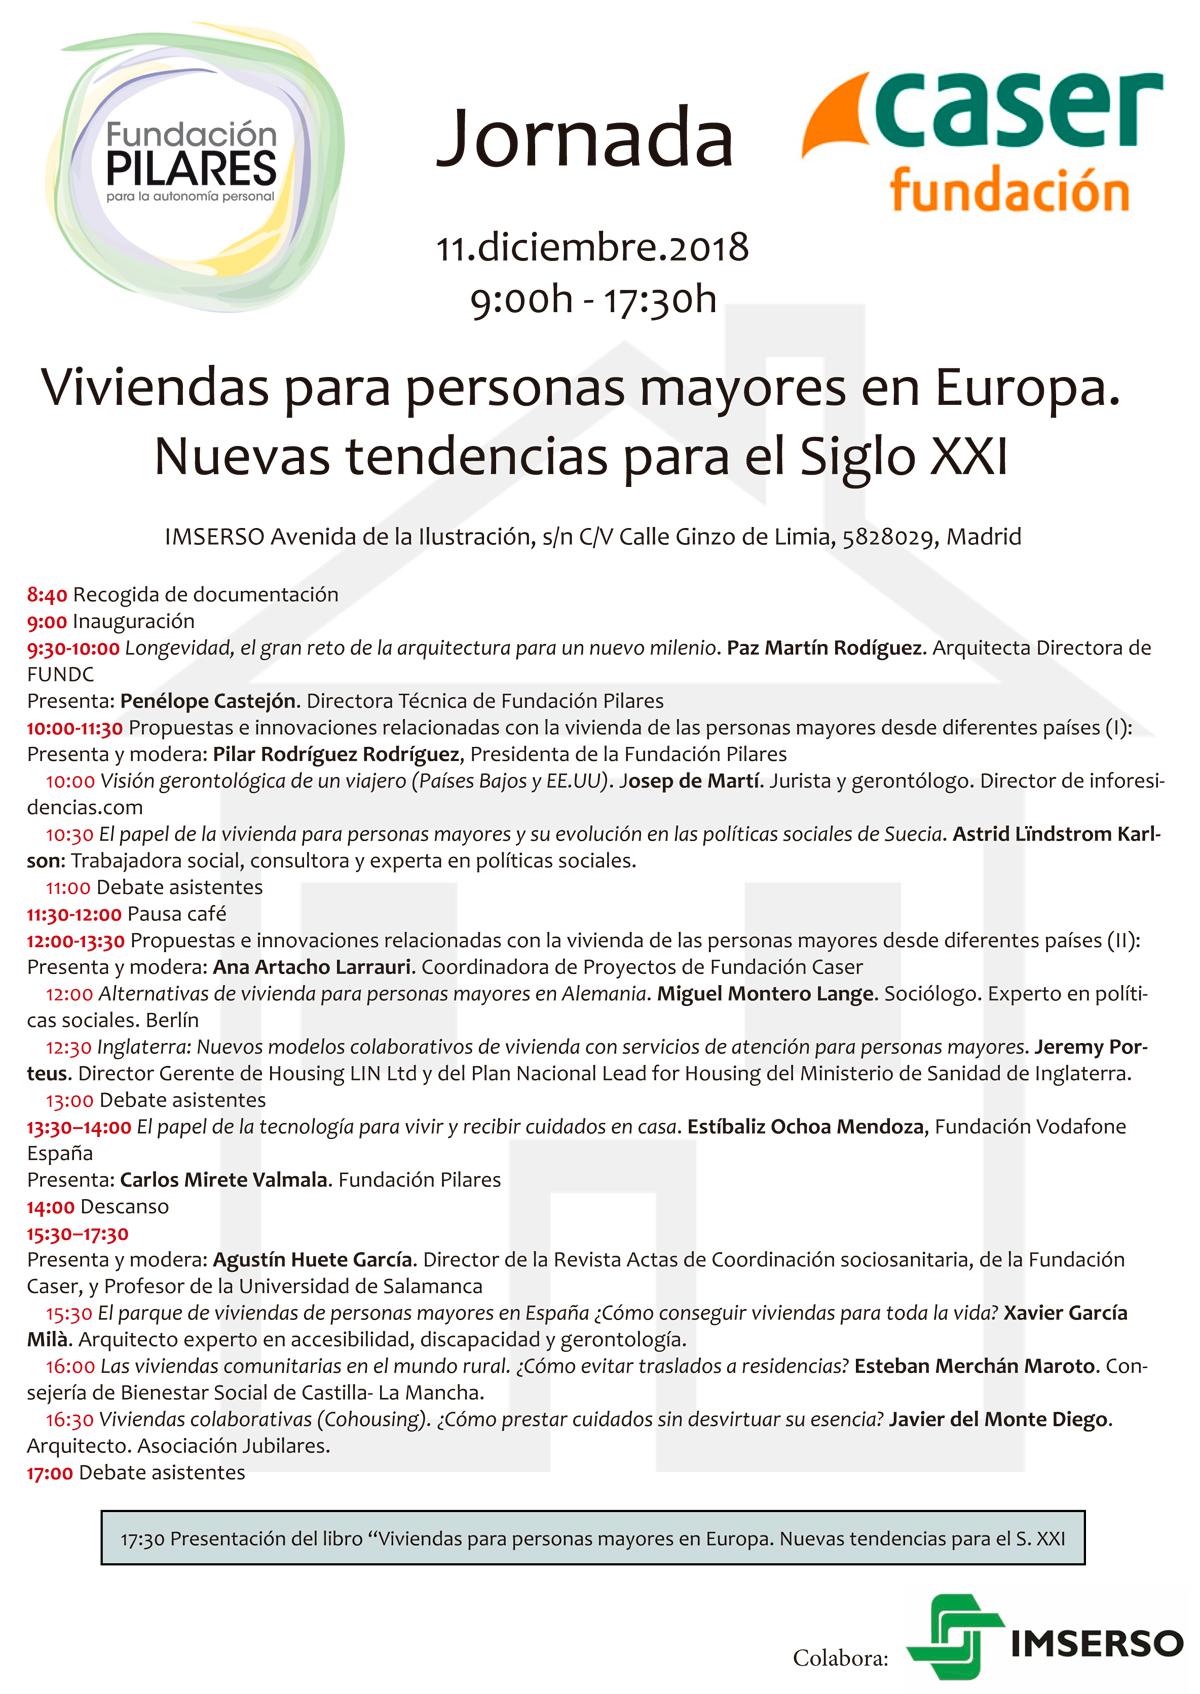 Jornada Viviendas para personas mayores en Europa. Nuevas tendencias para el Siglo XXI